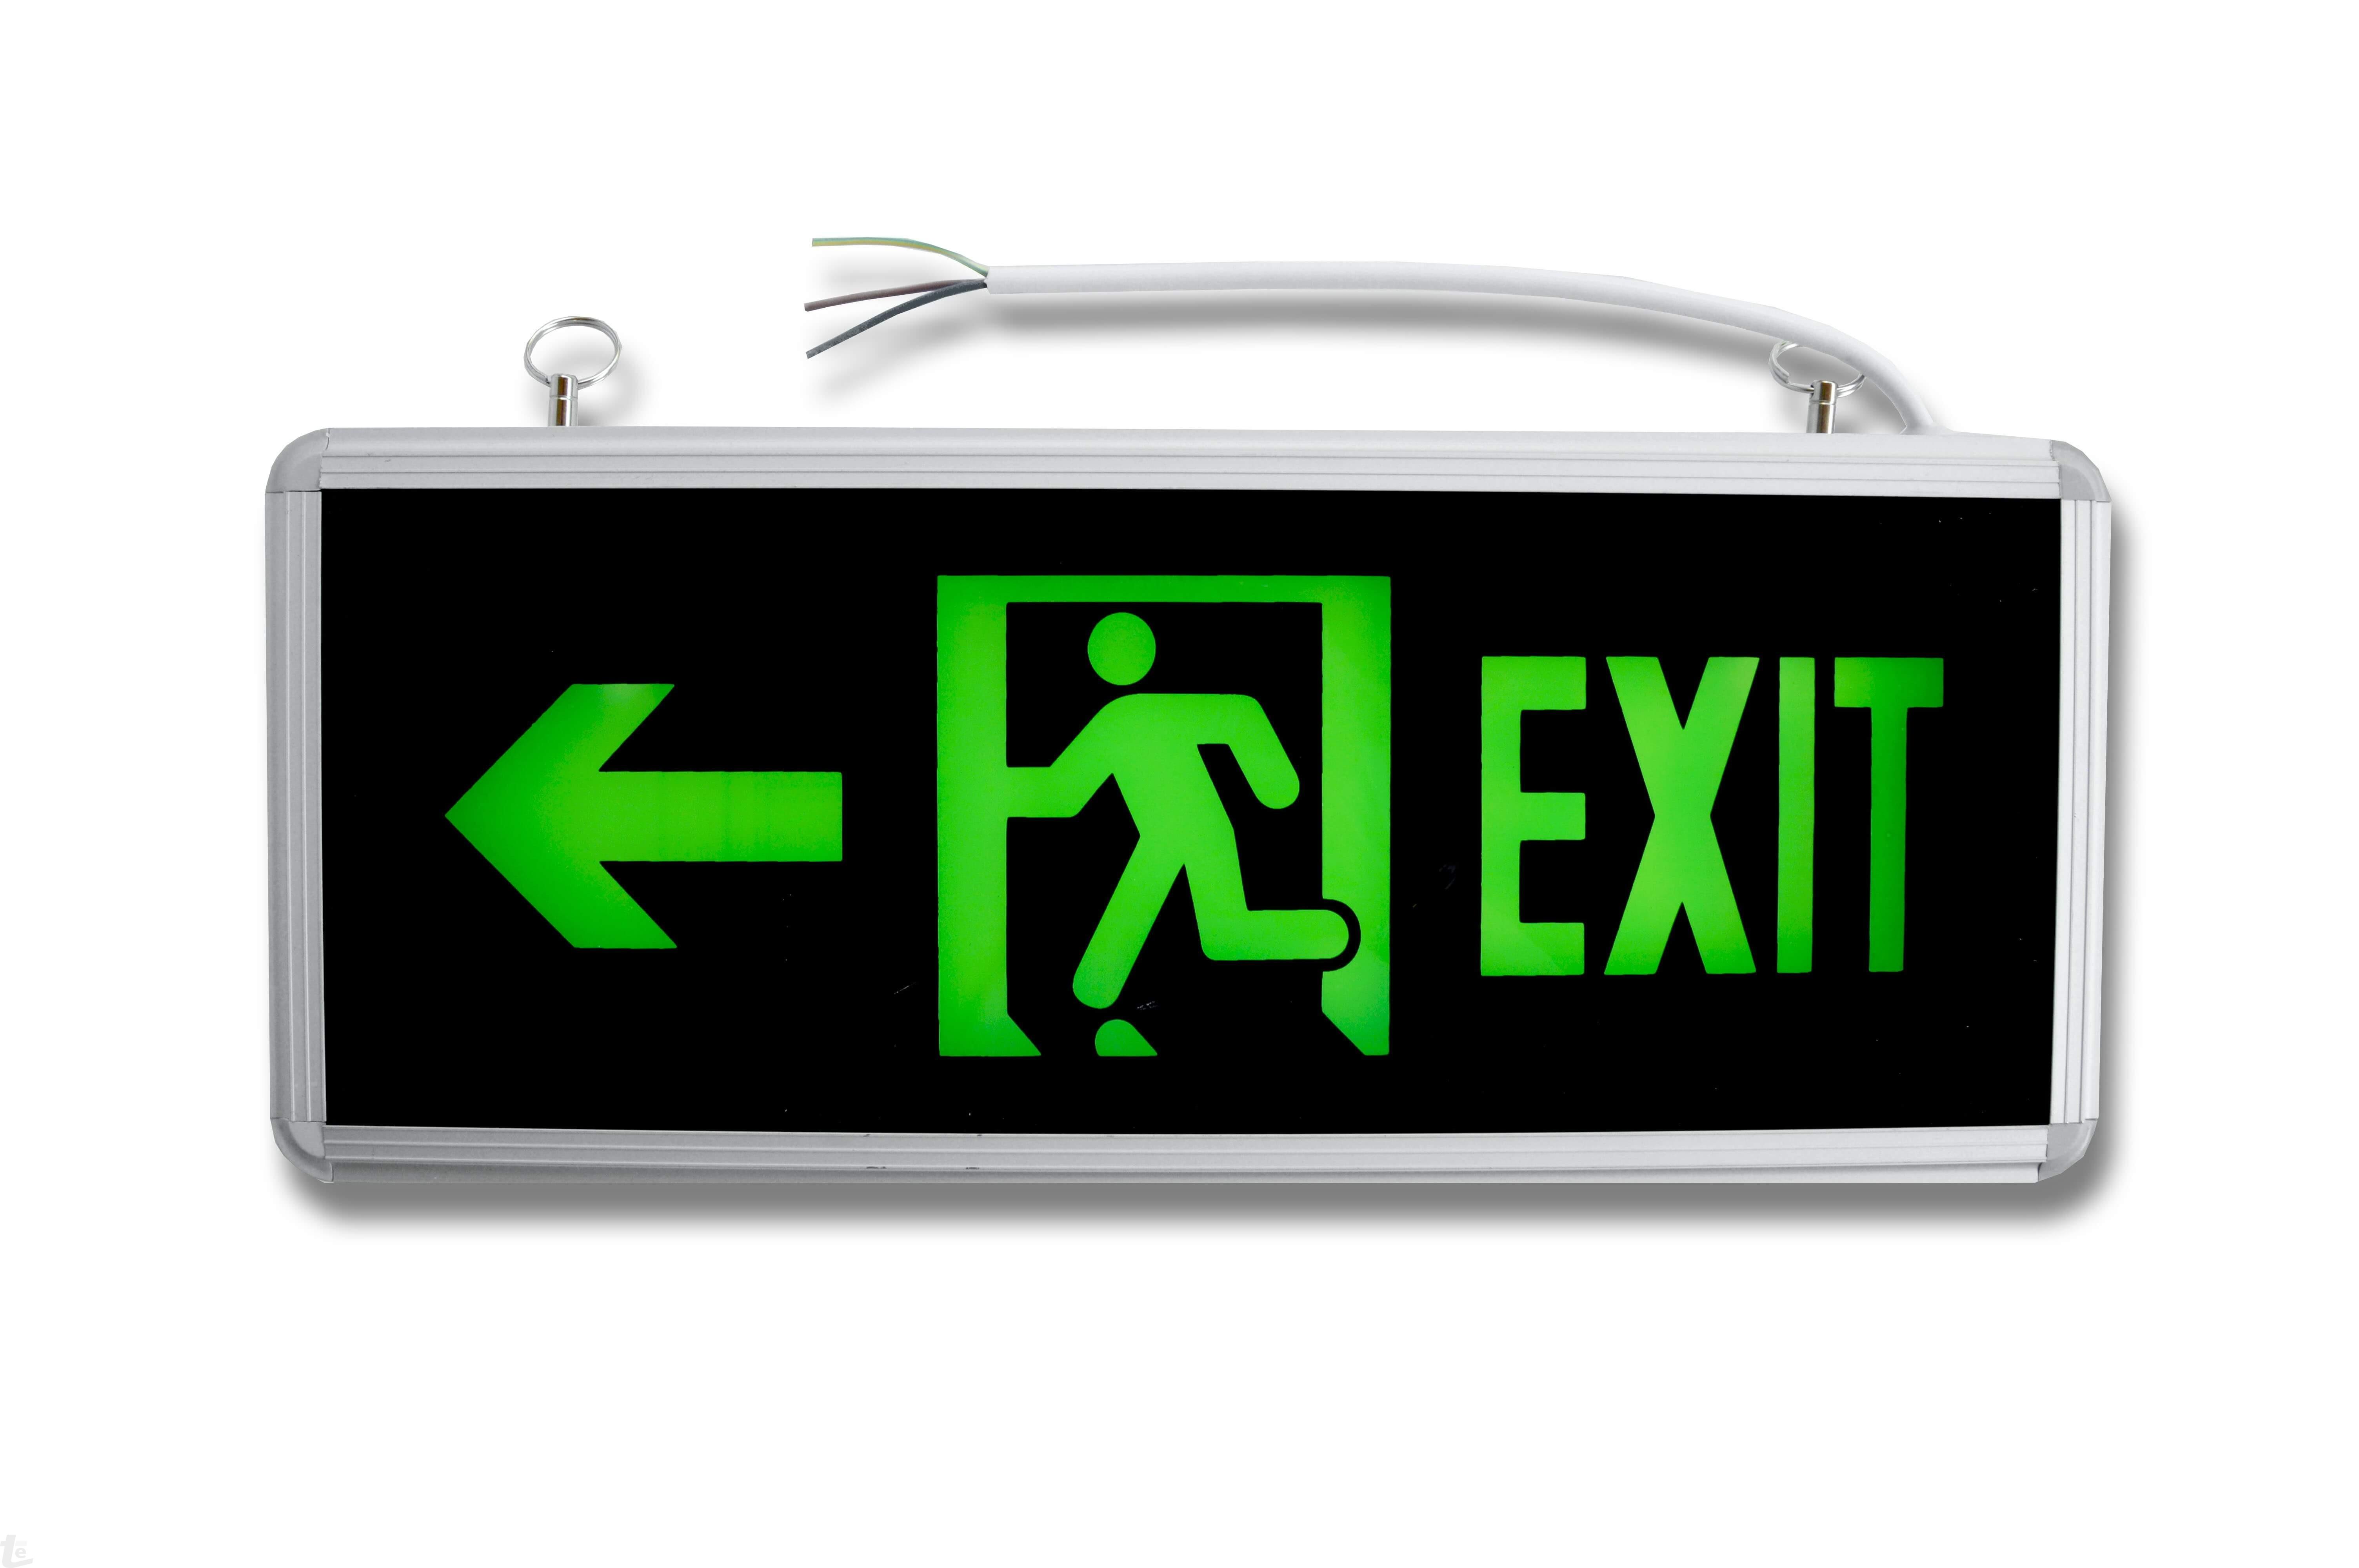 LED Табелка EXIT със Стрелка Наляво